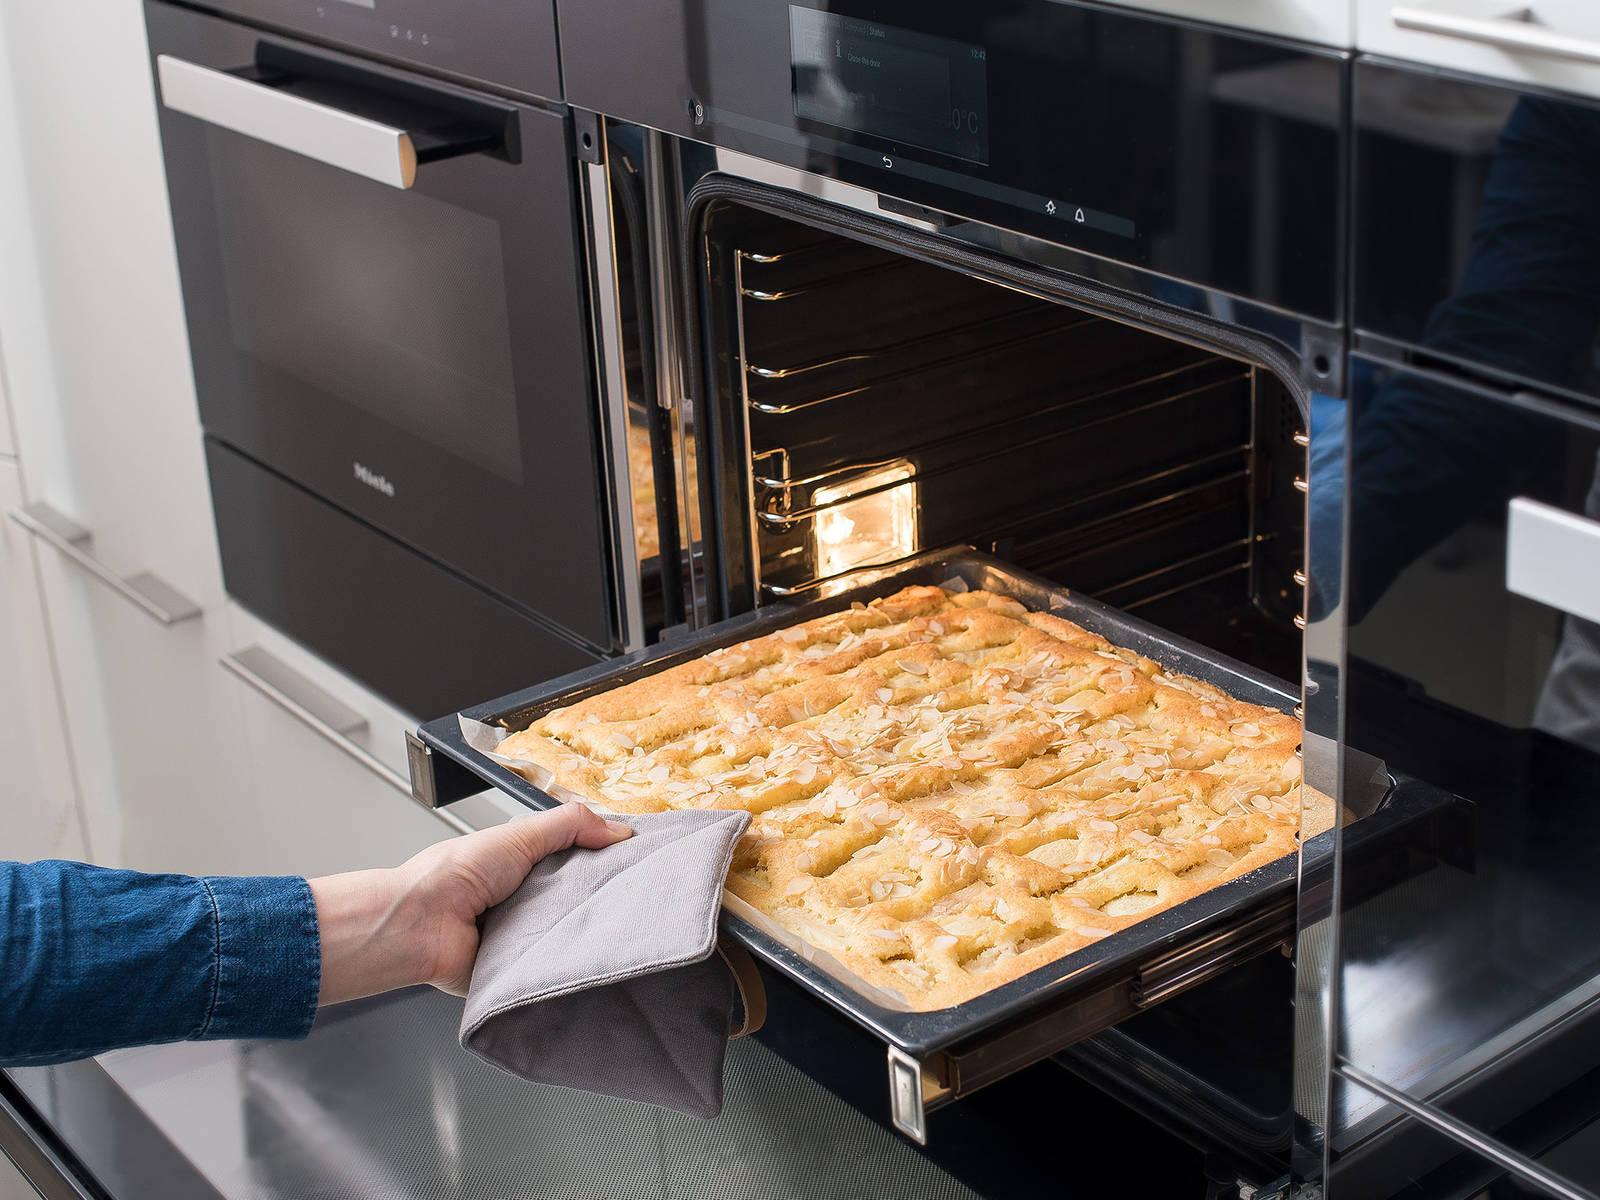 放入烤箱,以180℃烤35分钟,或直至稍微变成金黄色。从烤箱中取出,放凉。撒上糖粉。尽情享用吧!